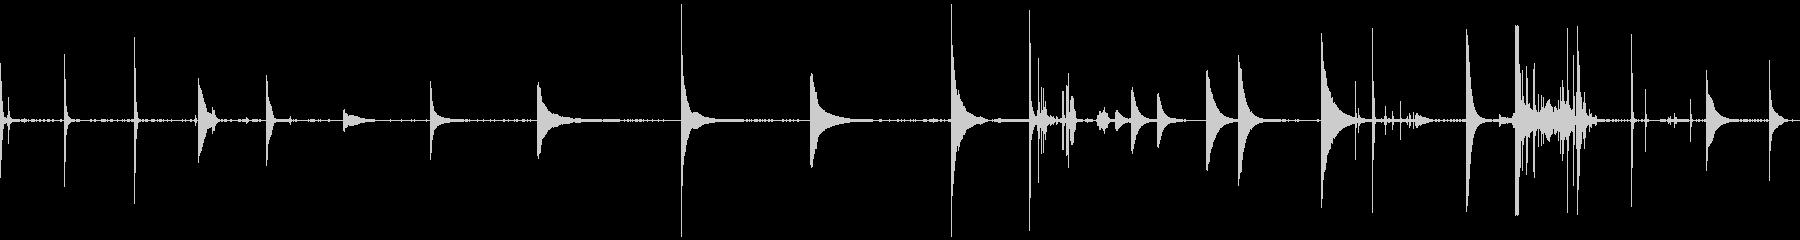 水金属のクランクの下の水の未再生の波形